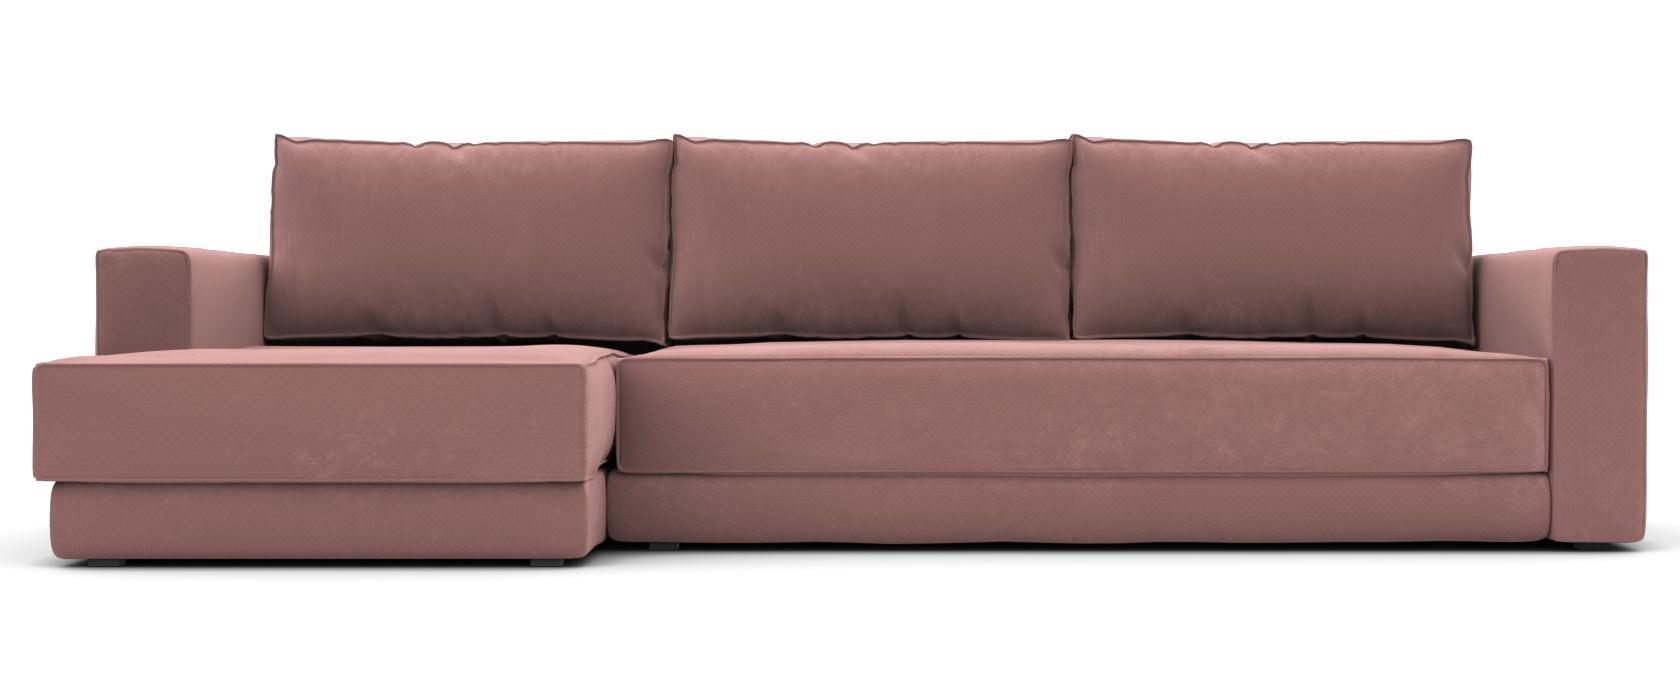 Угловой диван Donato - Pufetto